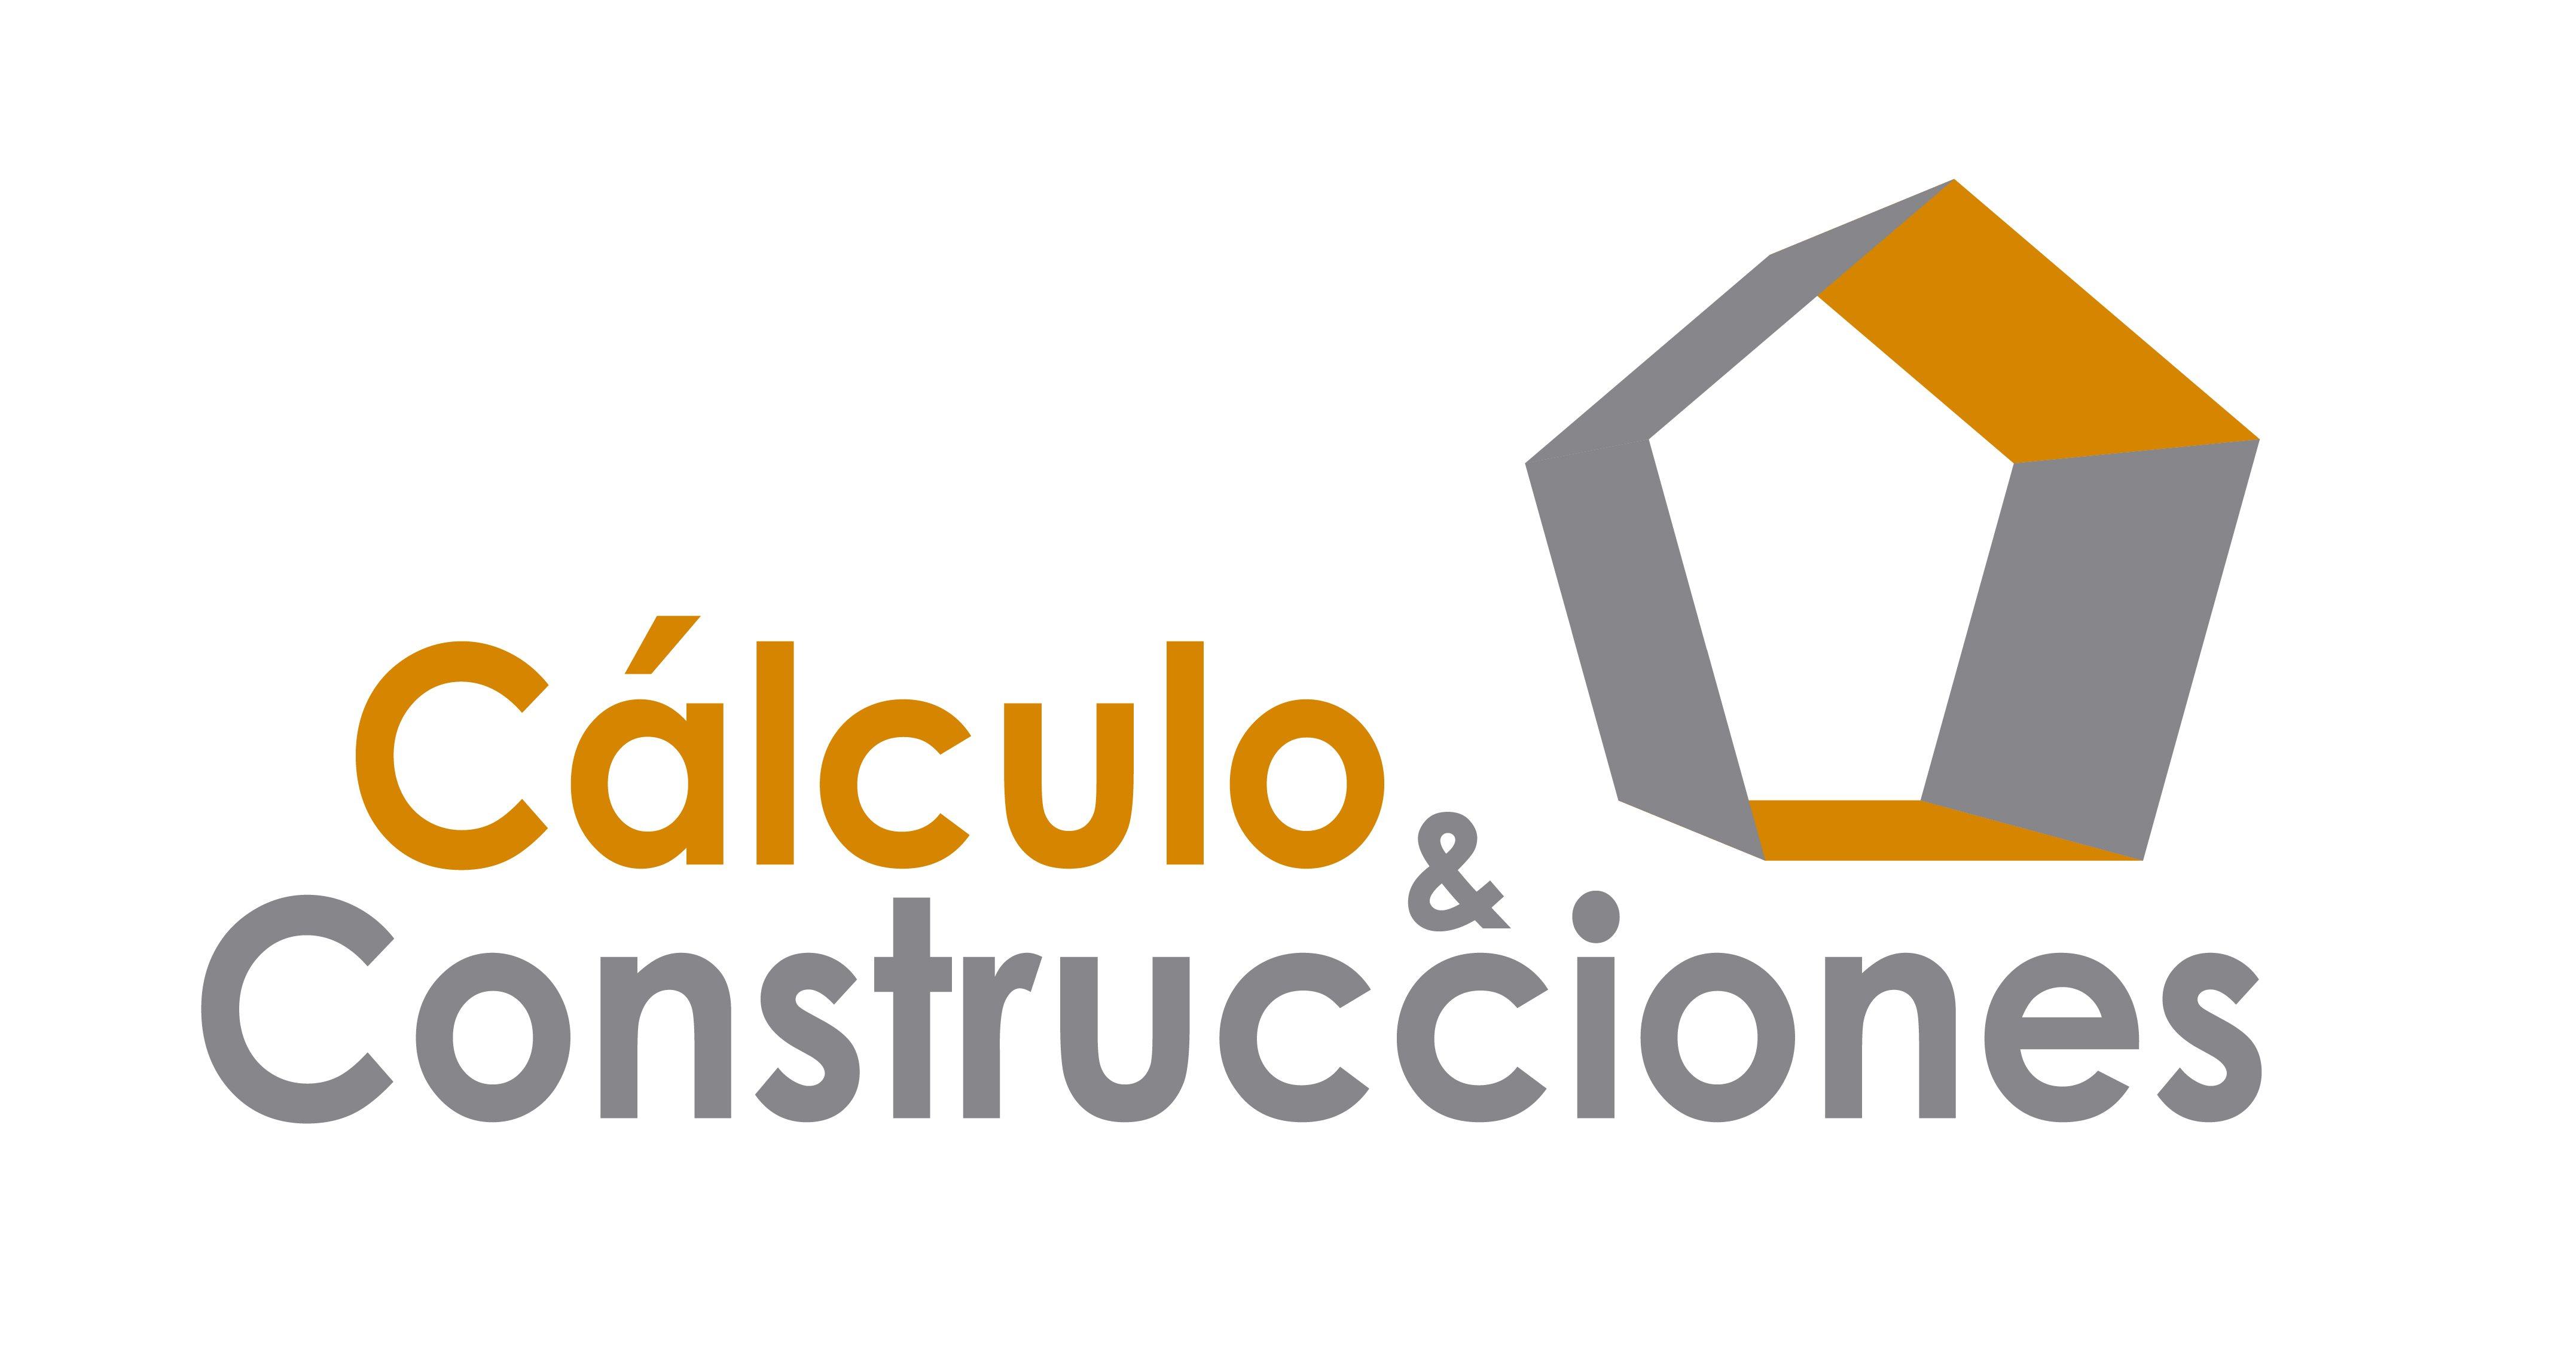 Cálculo y Construcciones S.A